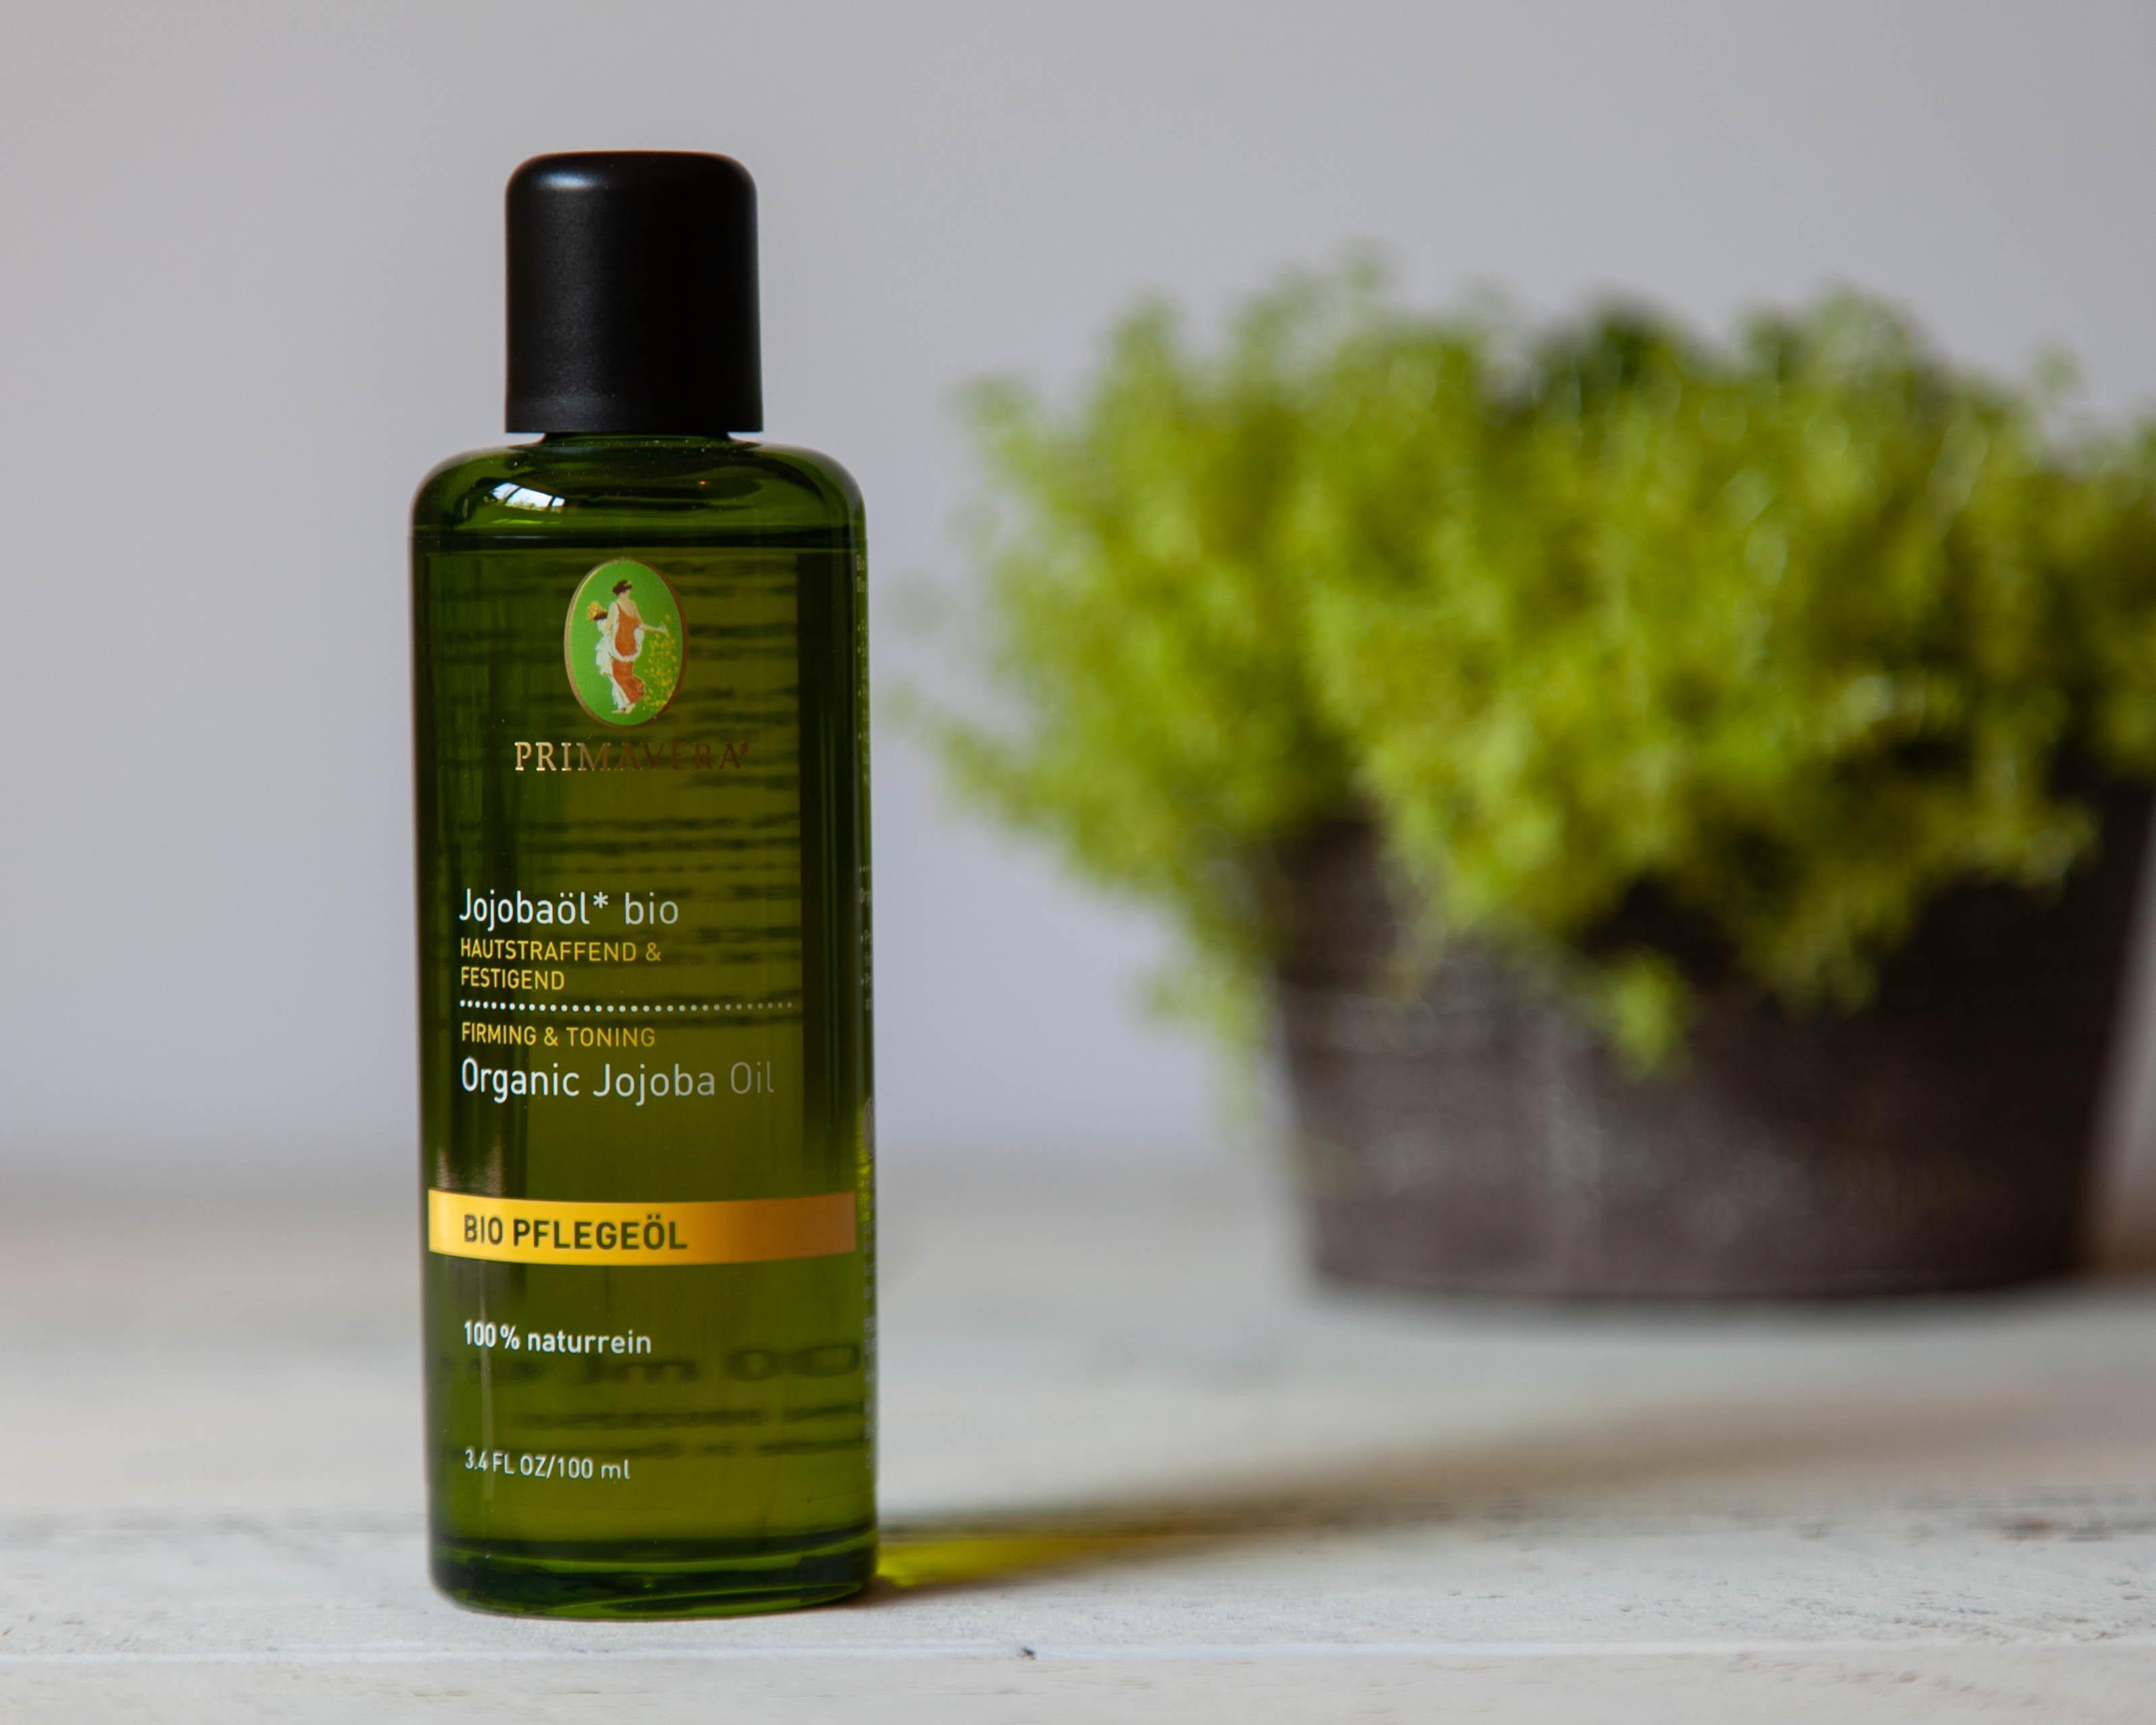 Unique properties of jojoba essential oil